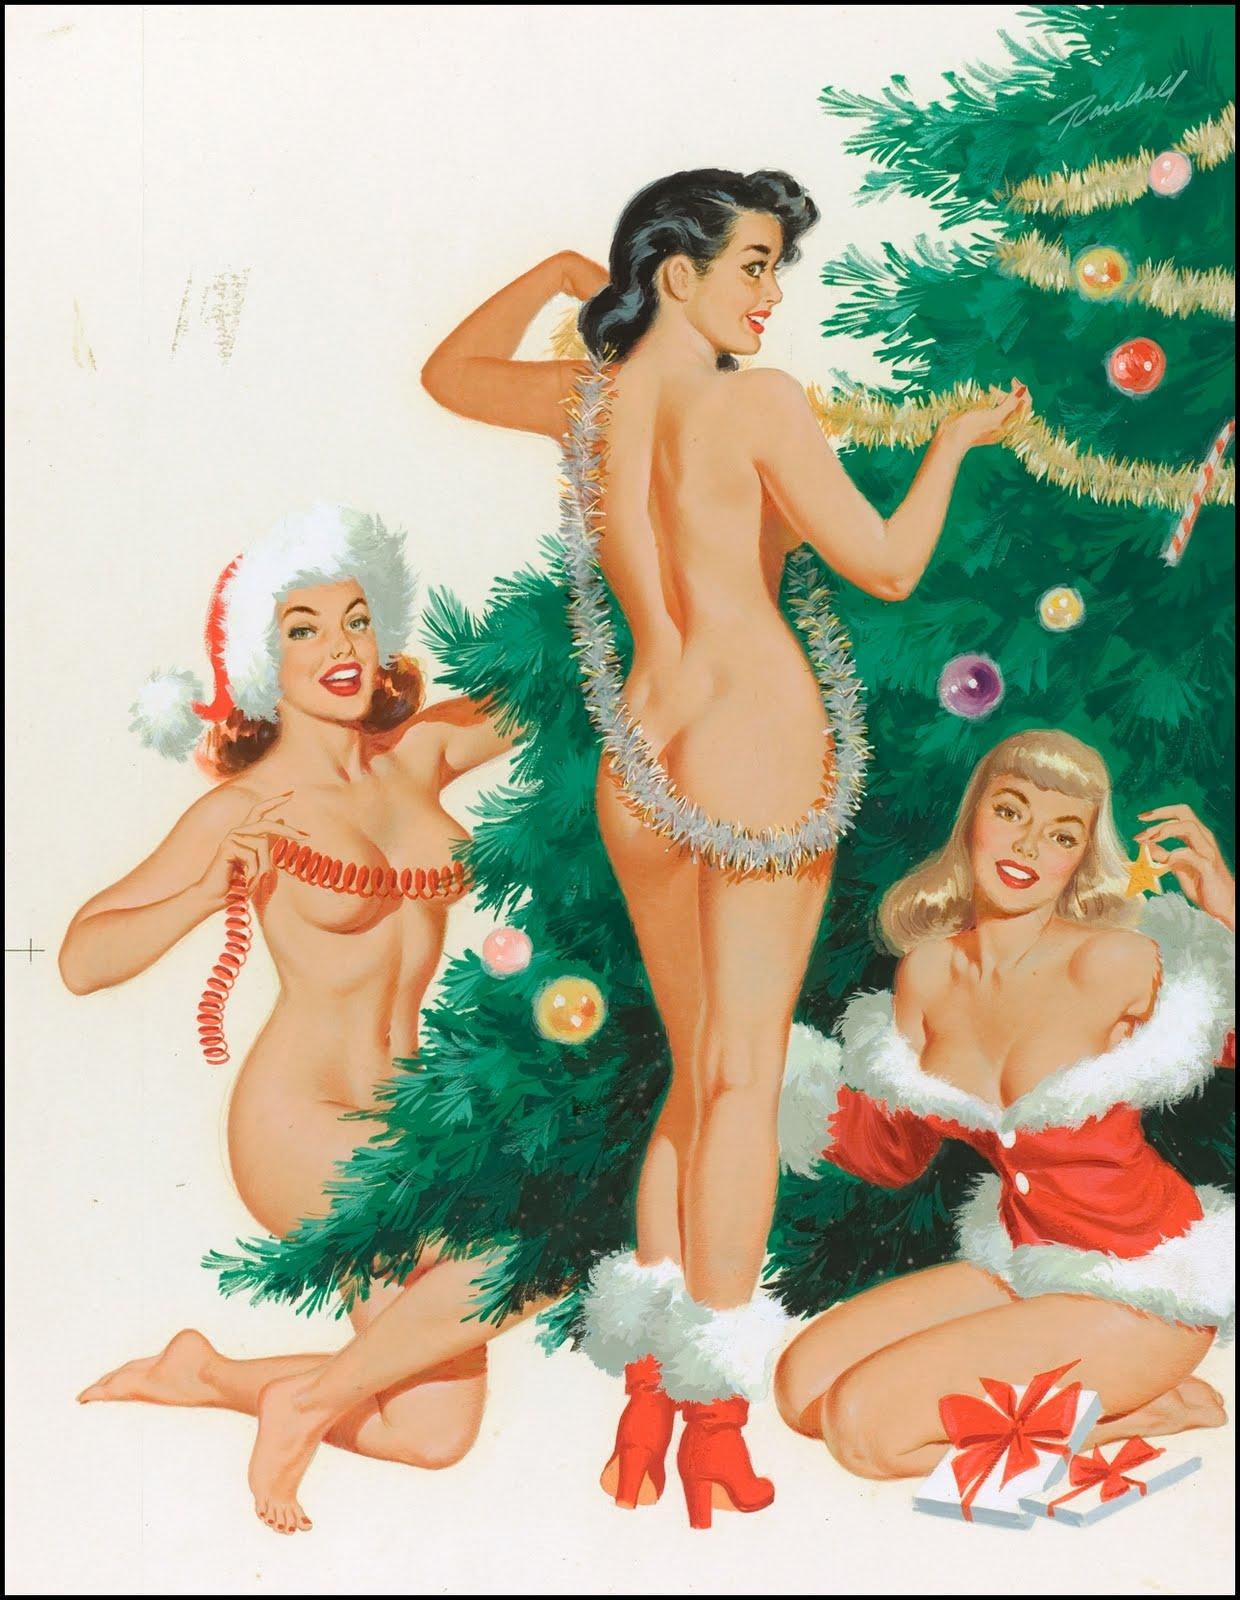 girls up nude pin Christmas